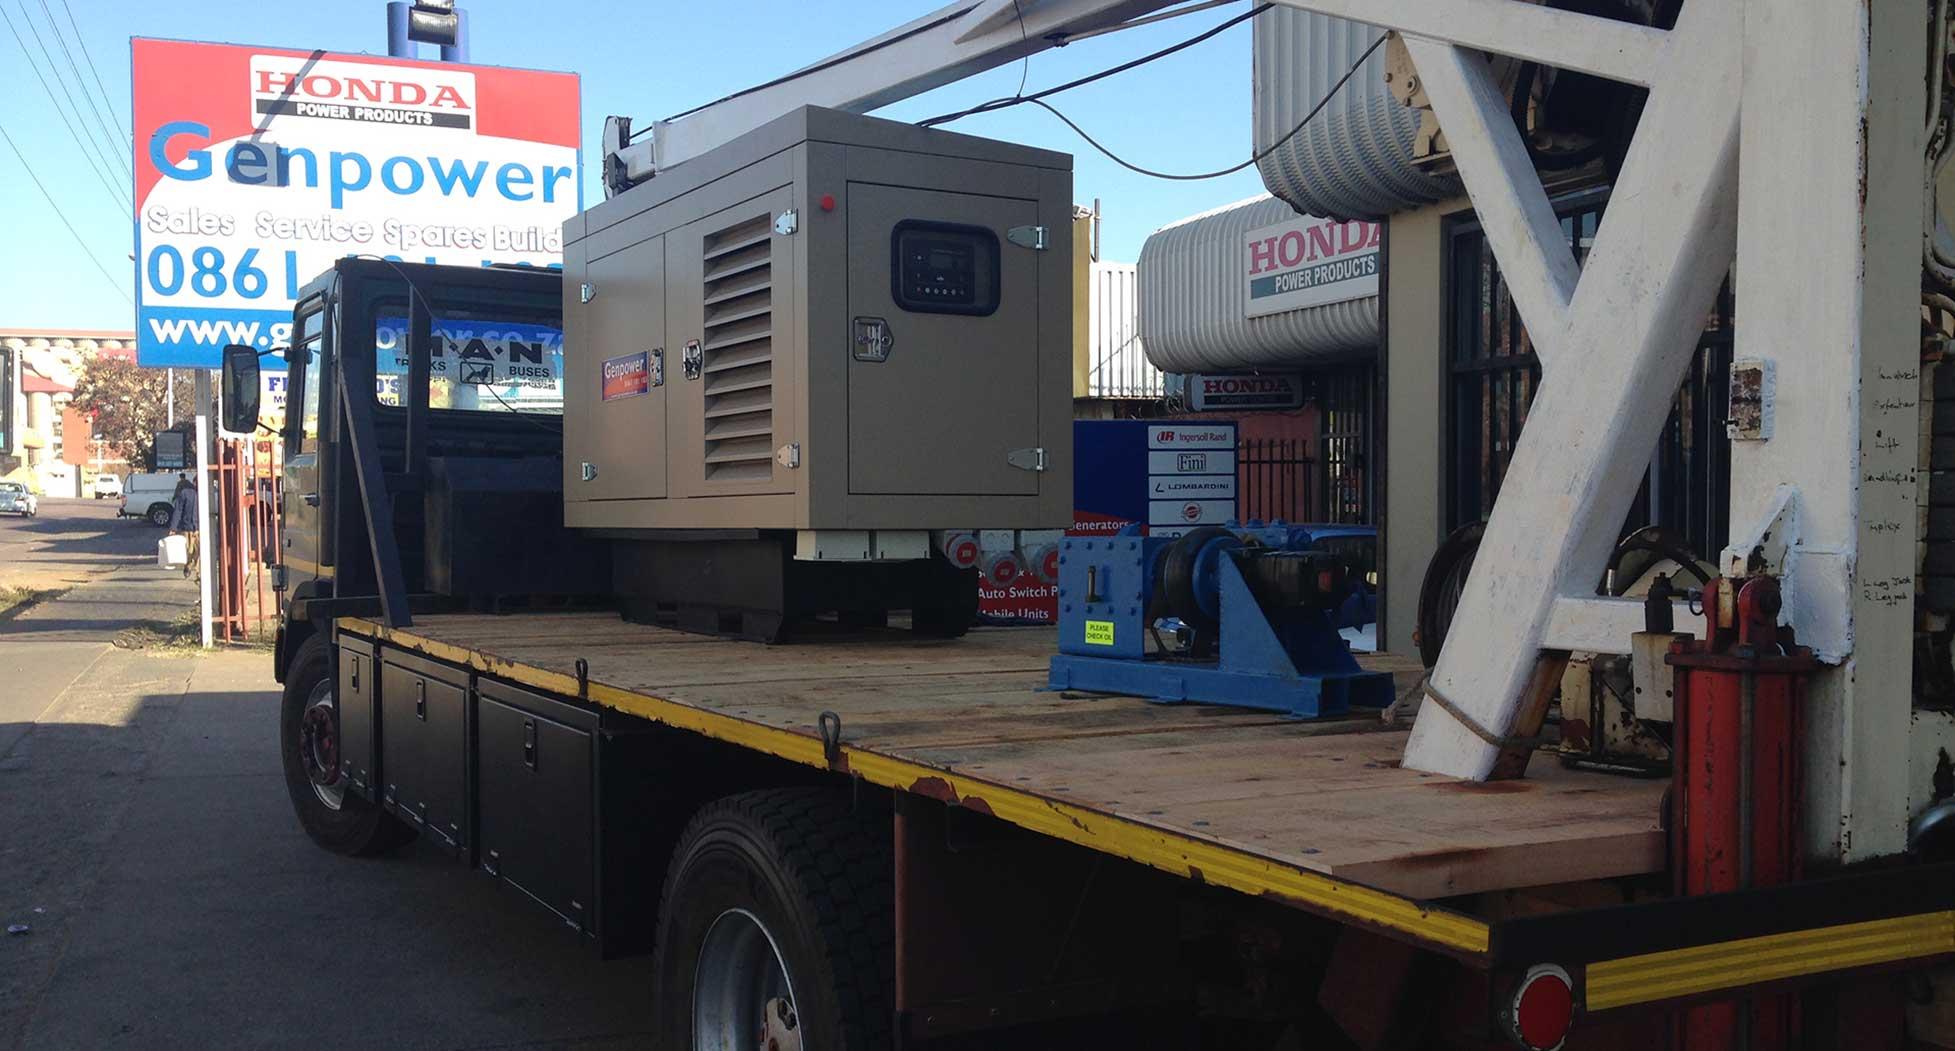 Honda Generators and Honda Power Equipment by Genpower